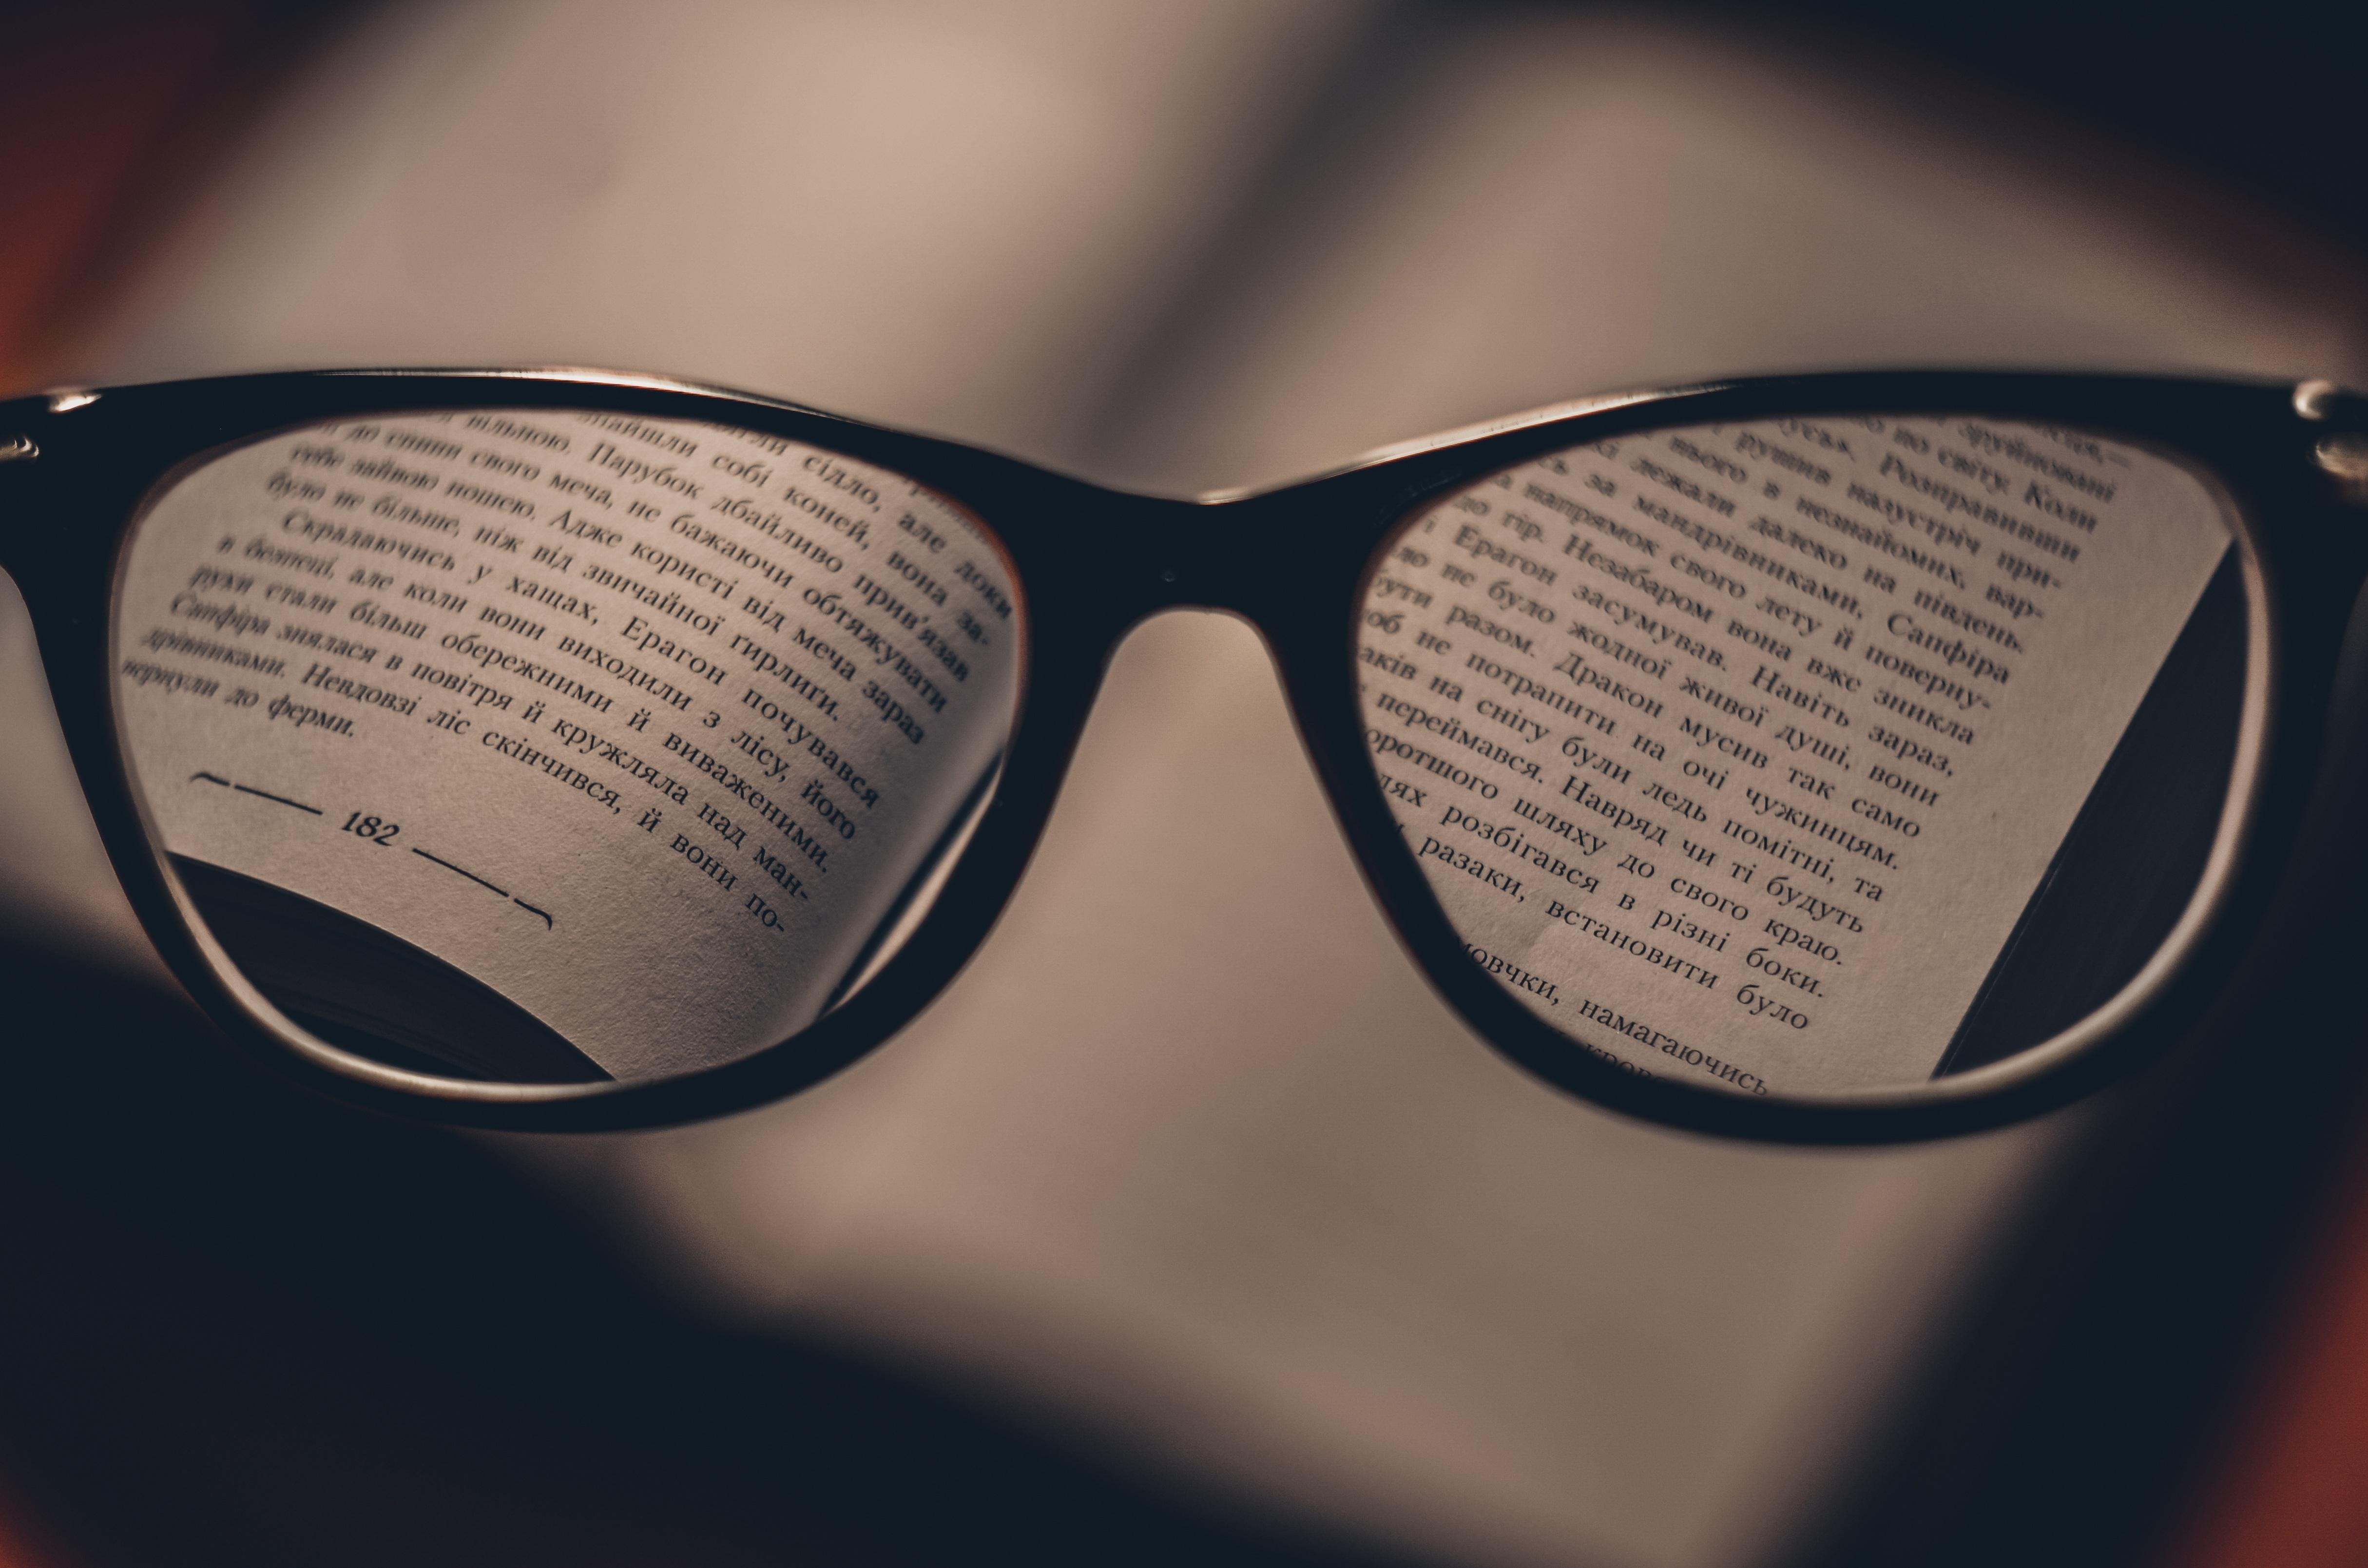 Fotos gratis : libro, leer, blanco, leyendo, negro, circulo, de ...